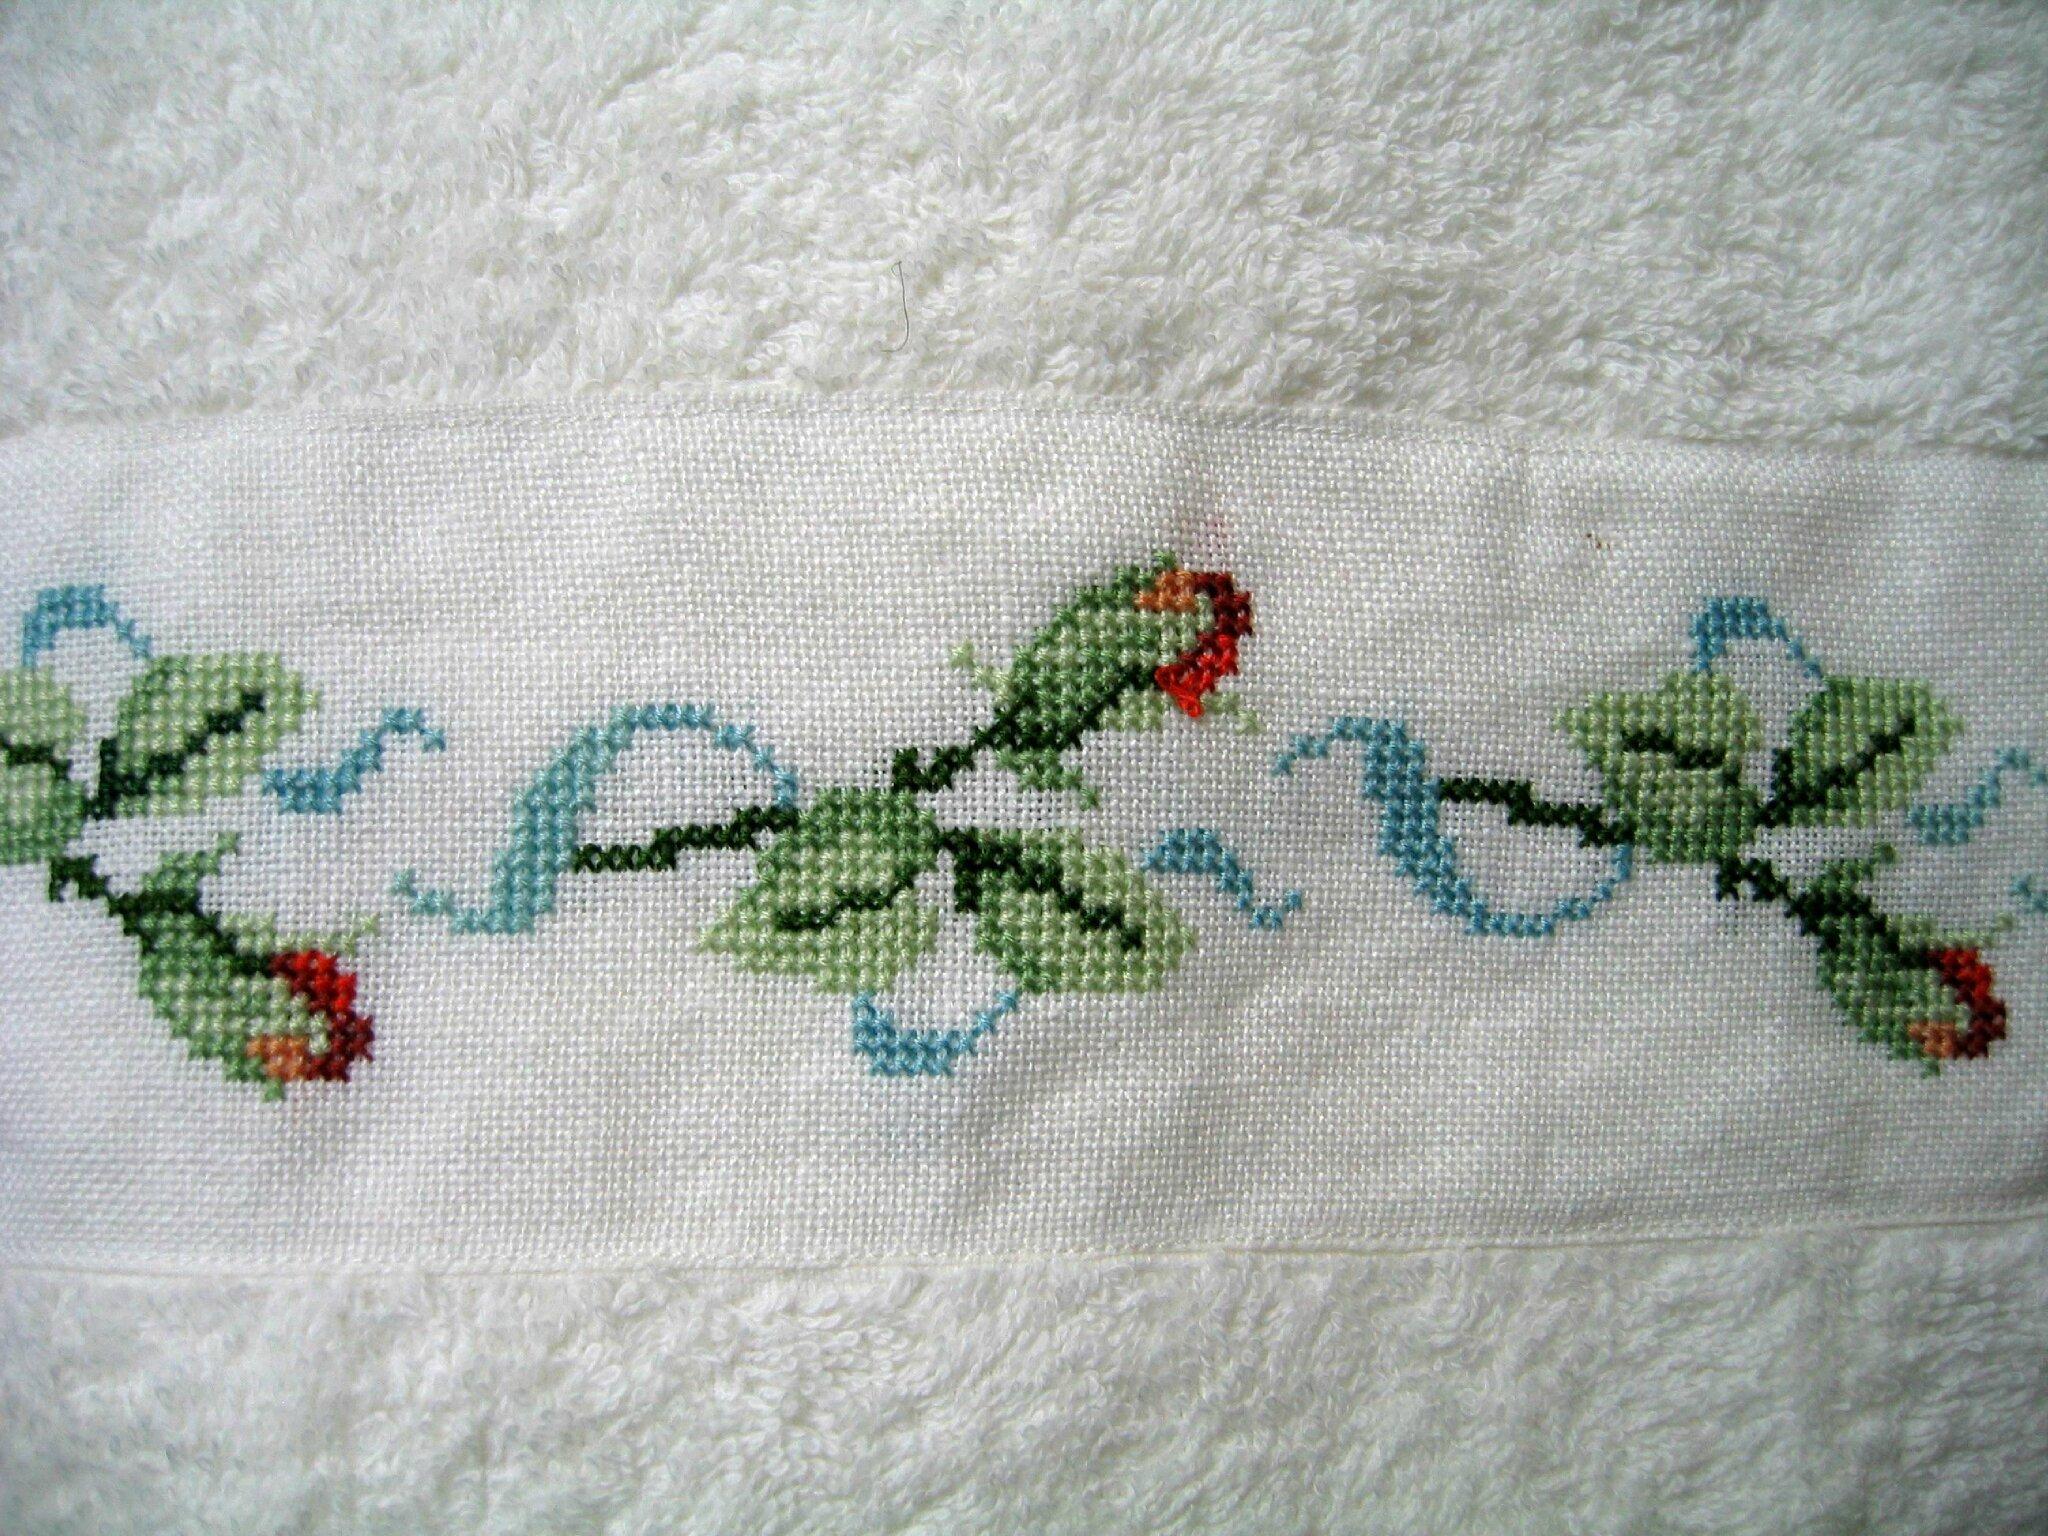 drap de bain aux boutons de roses 2